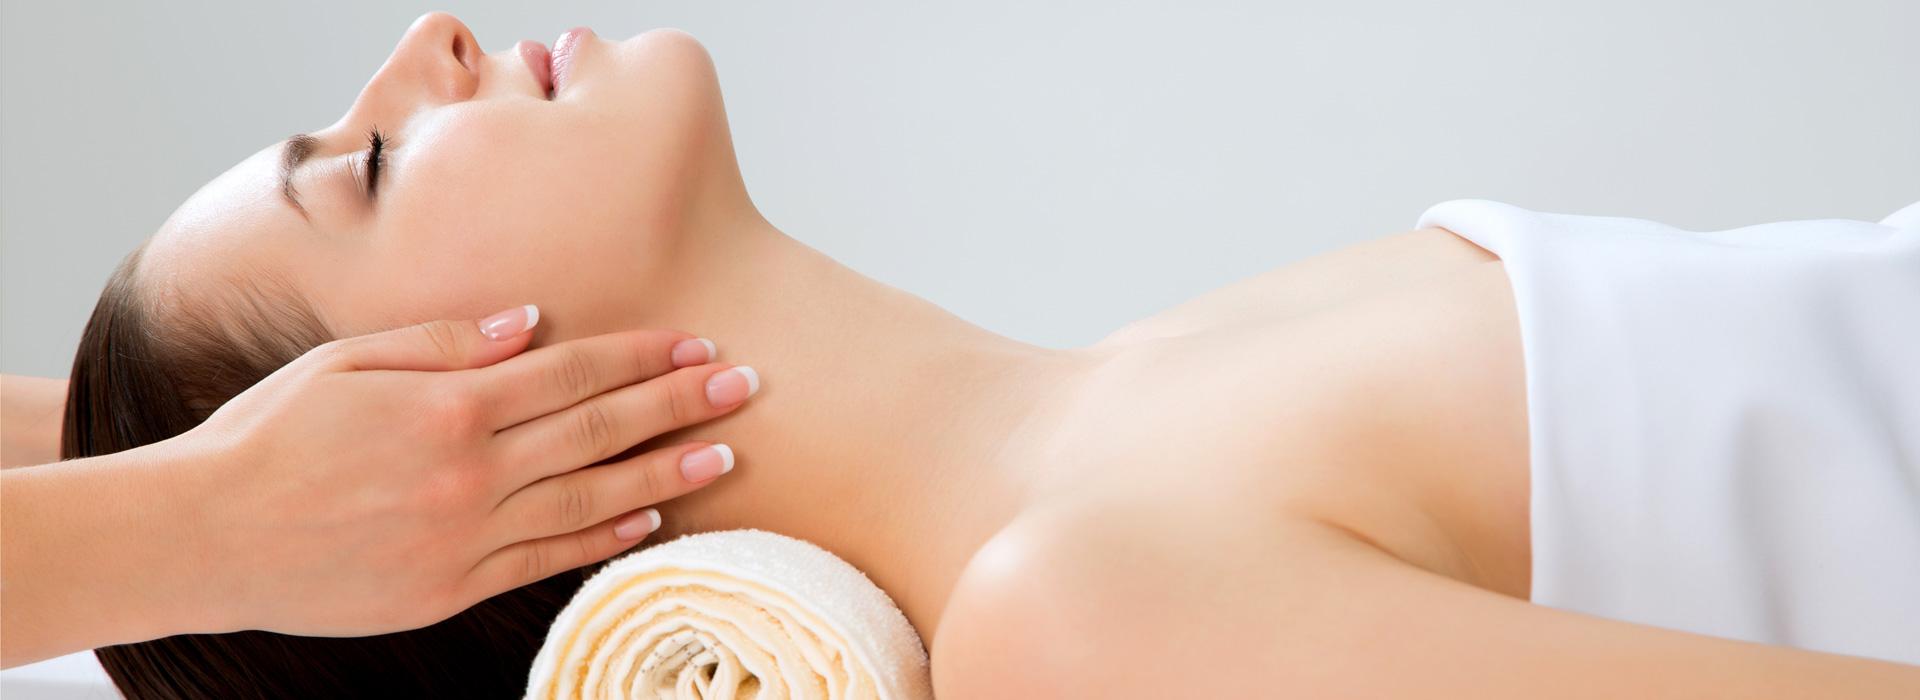 Лимфодренажный массаж - советы по процедуре от школы массажа